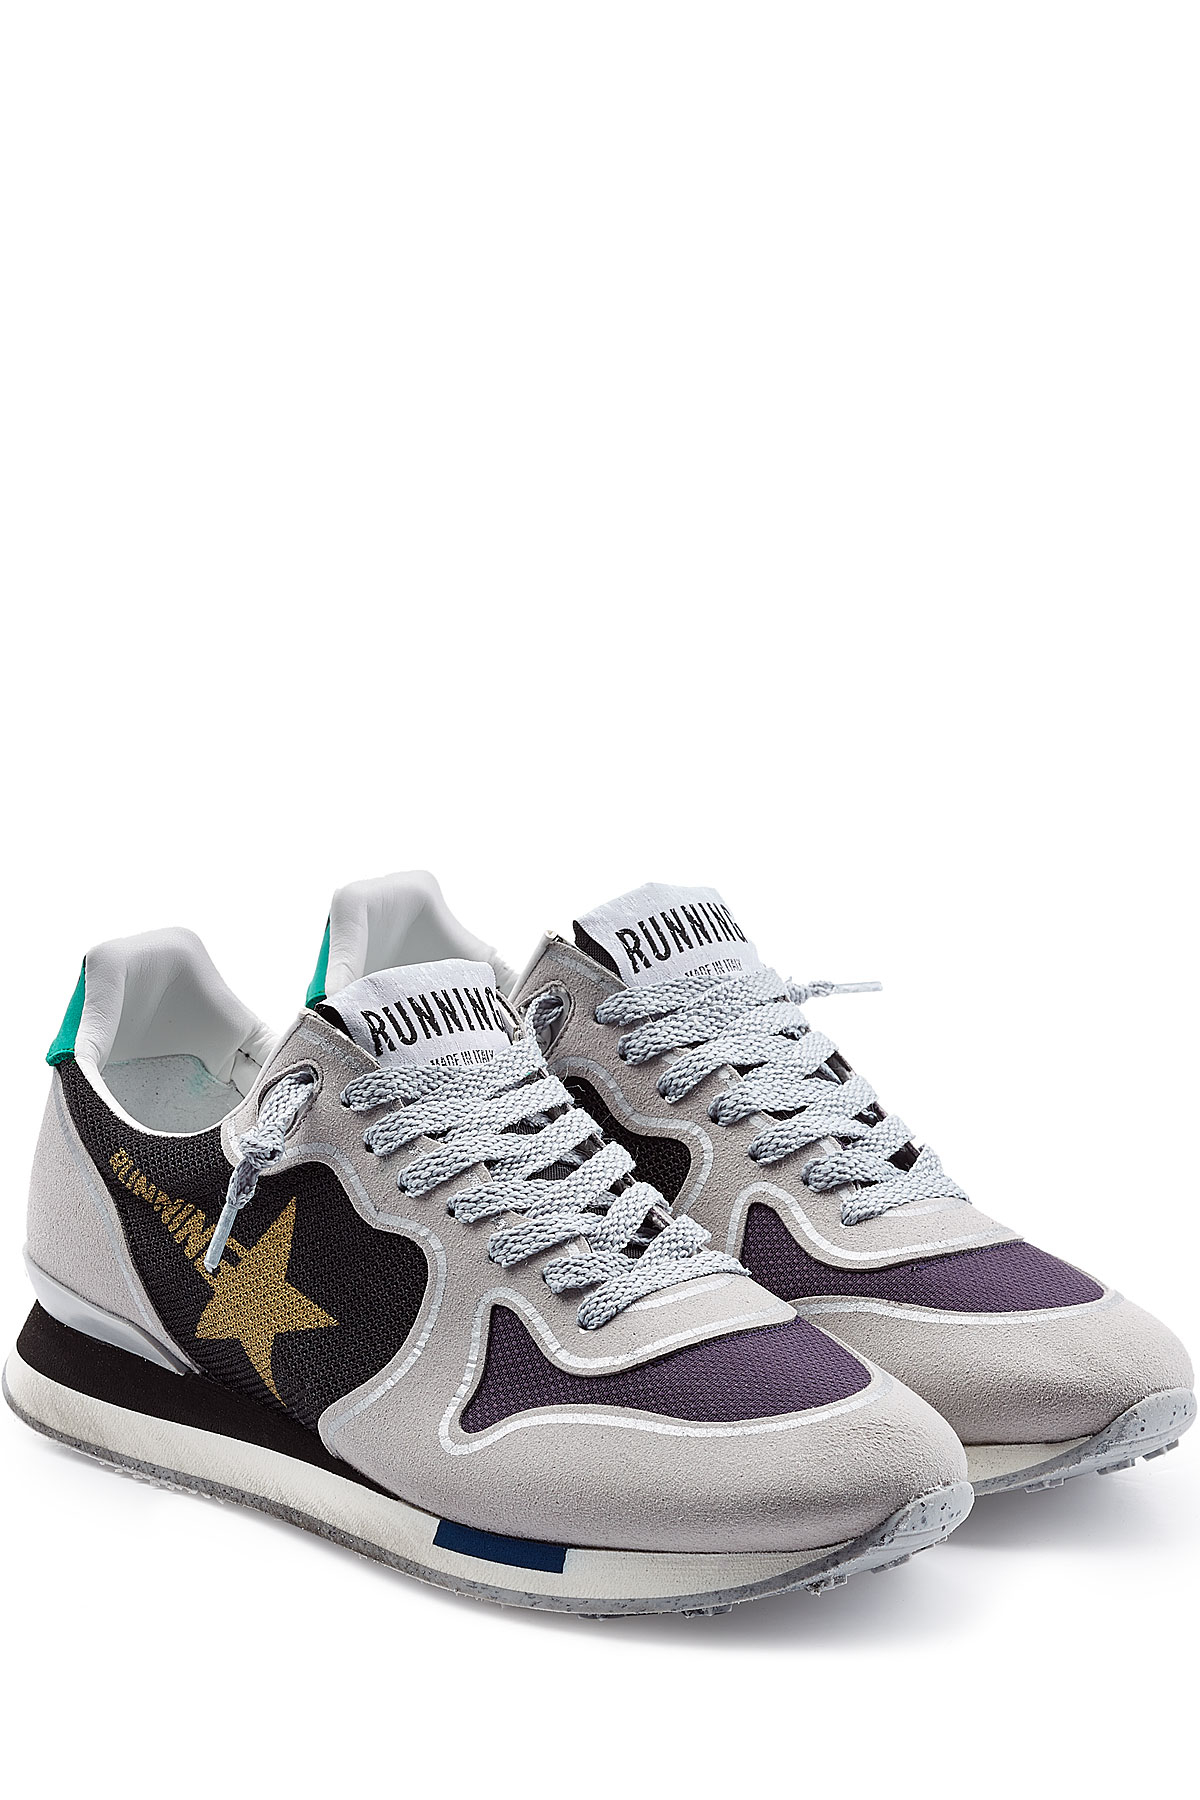 Golden Brand Running Deluxe With Suede Lyst Sneakers Goose Grey dFHdT